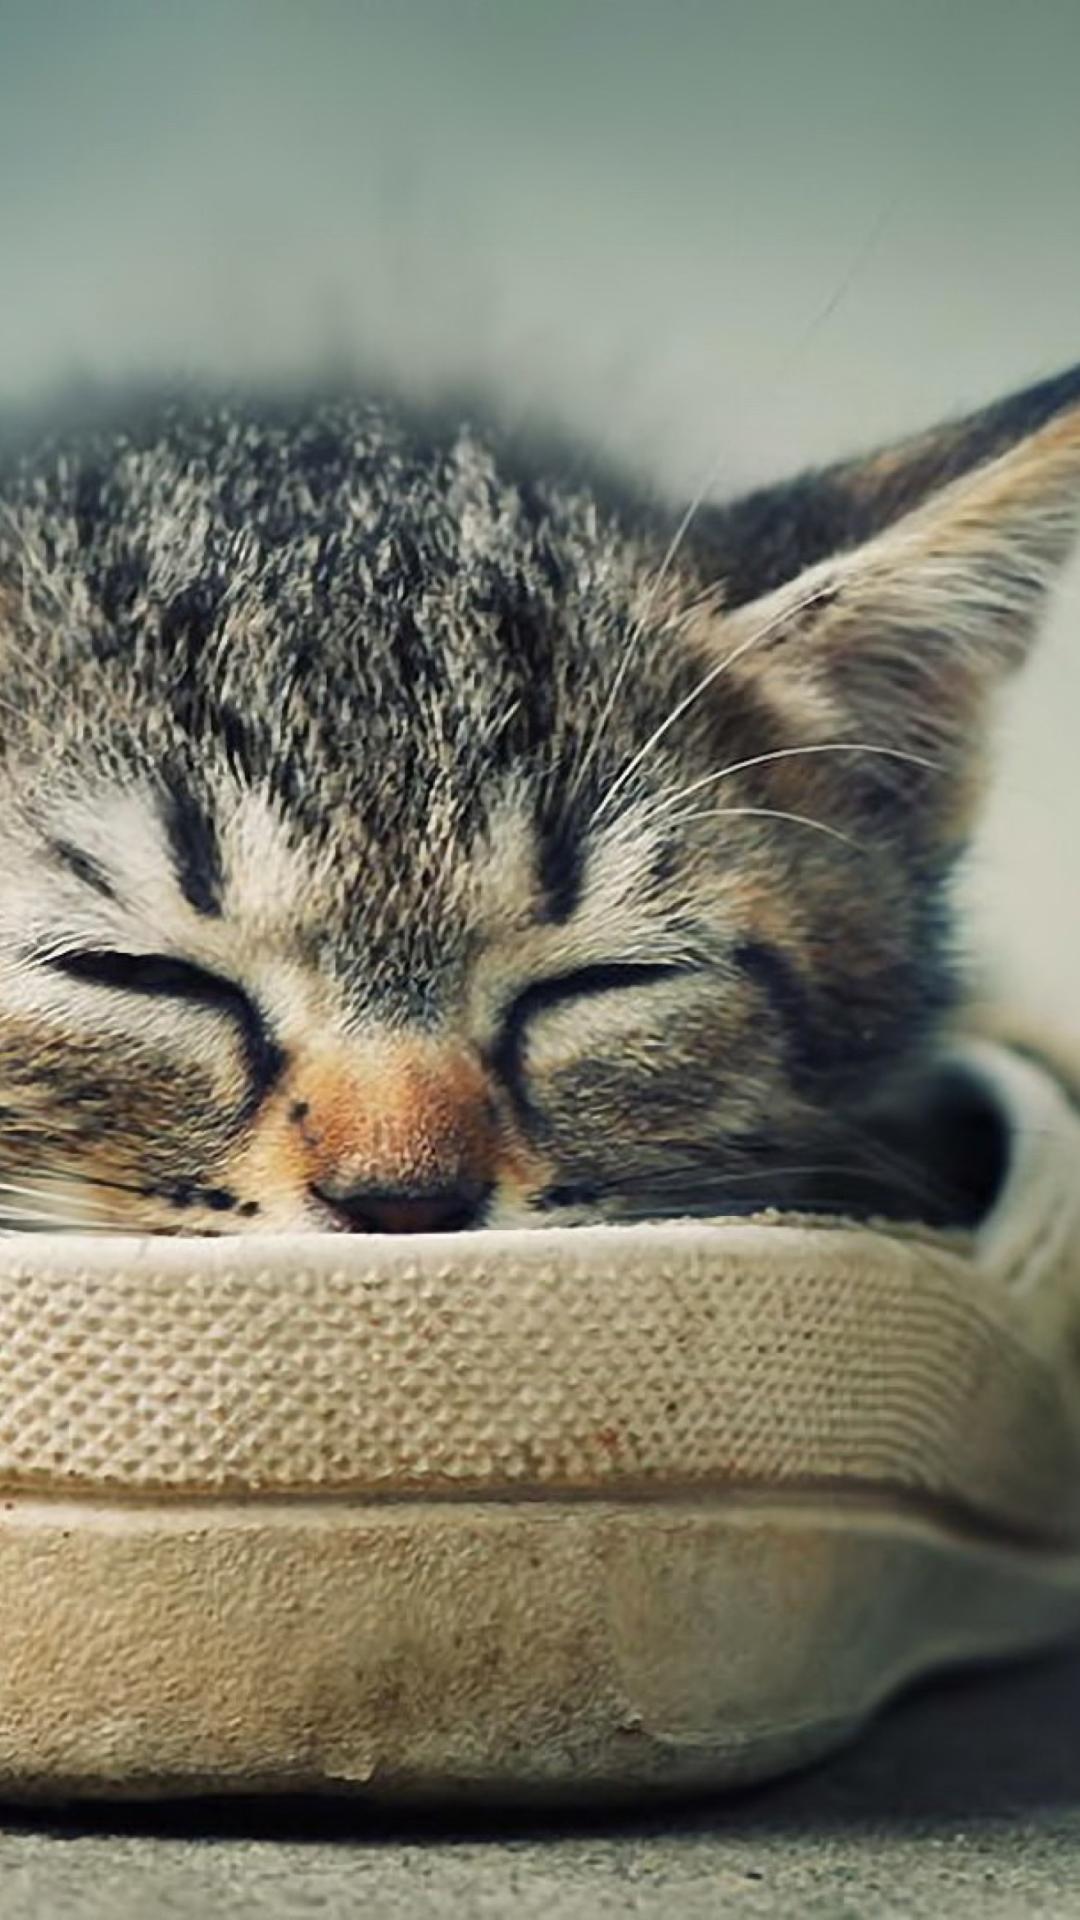 котенок в ботинке  № 2016543 бесплатно